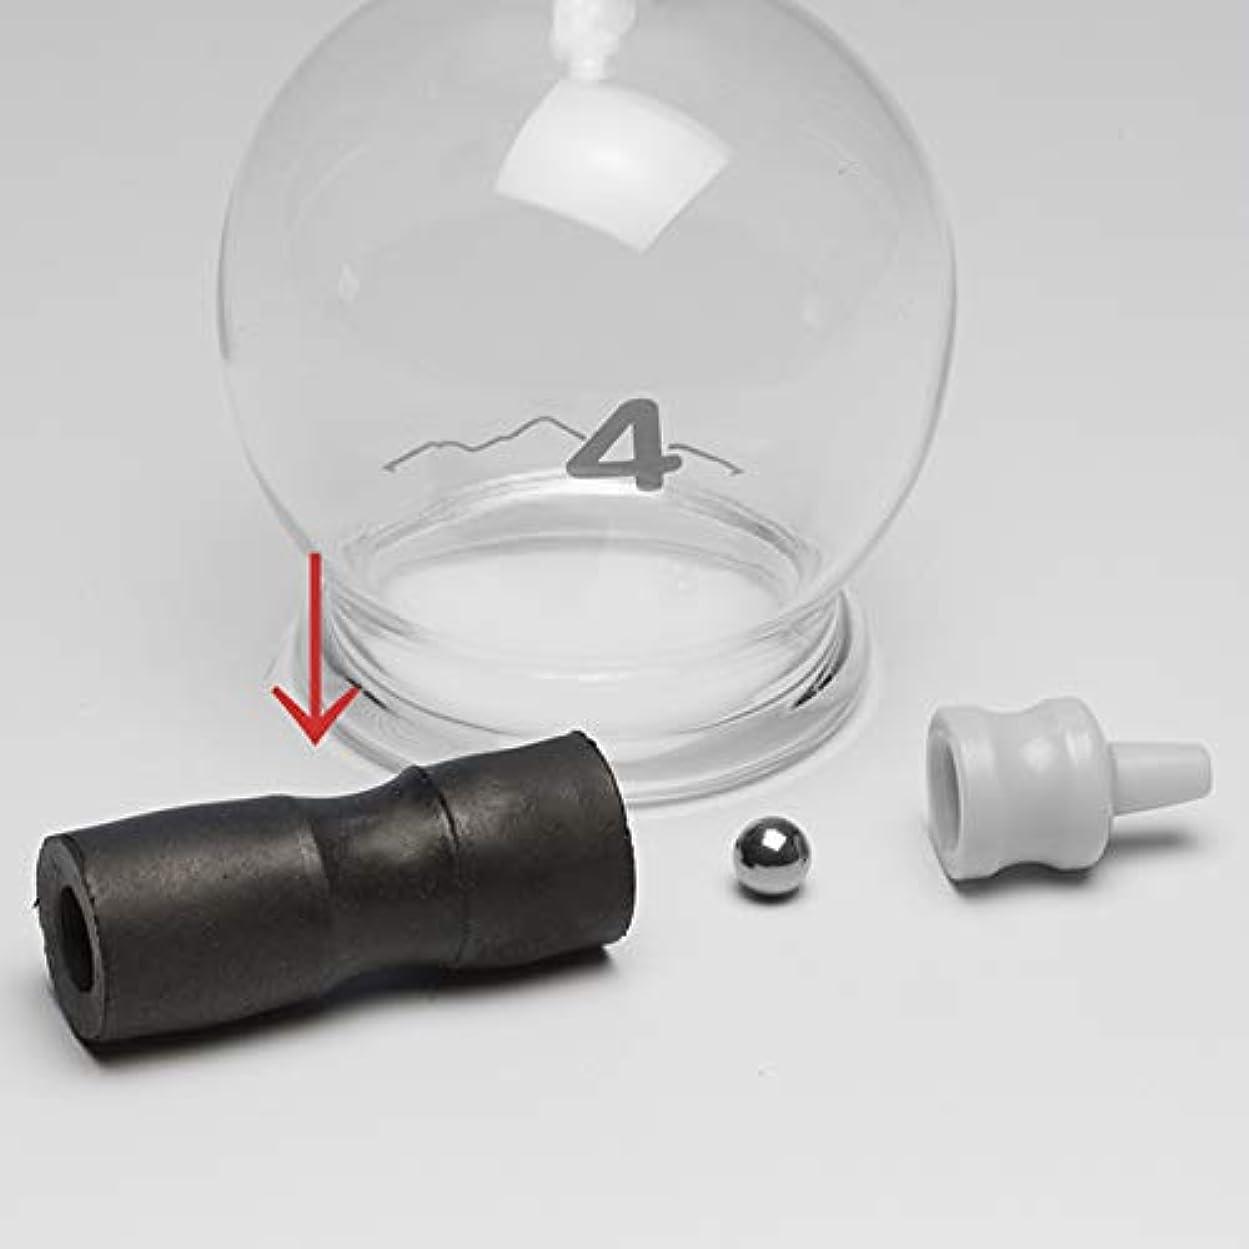 襟煙突どうやって霧島ガラス玉(電動吸い玉機器用吸着具)用黒ゴム弁(ゴムのみ) 吸灸